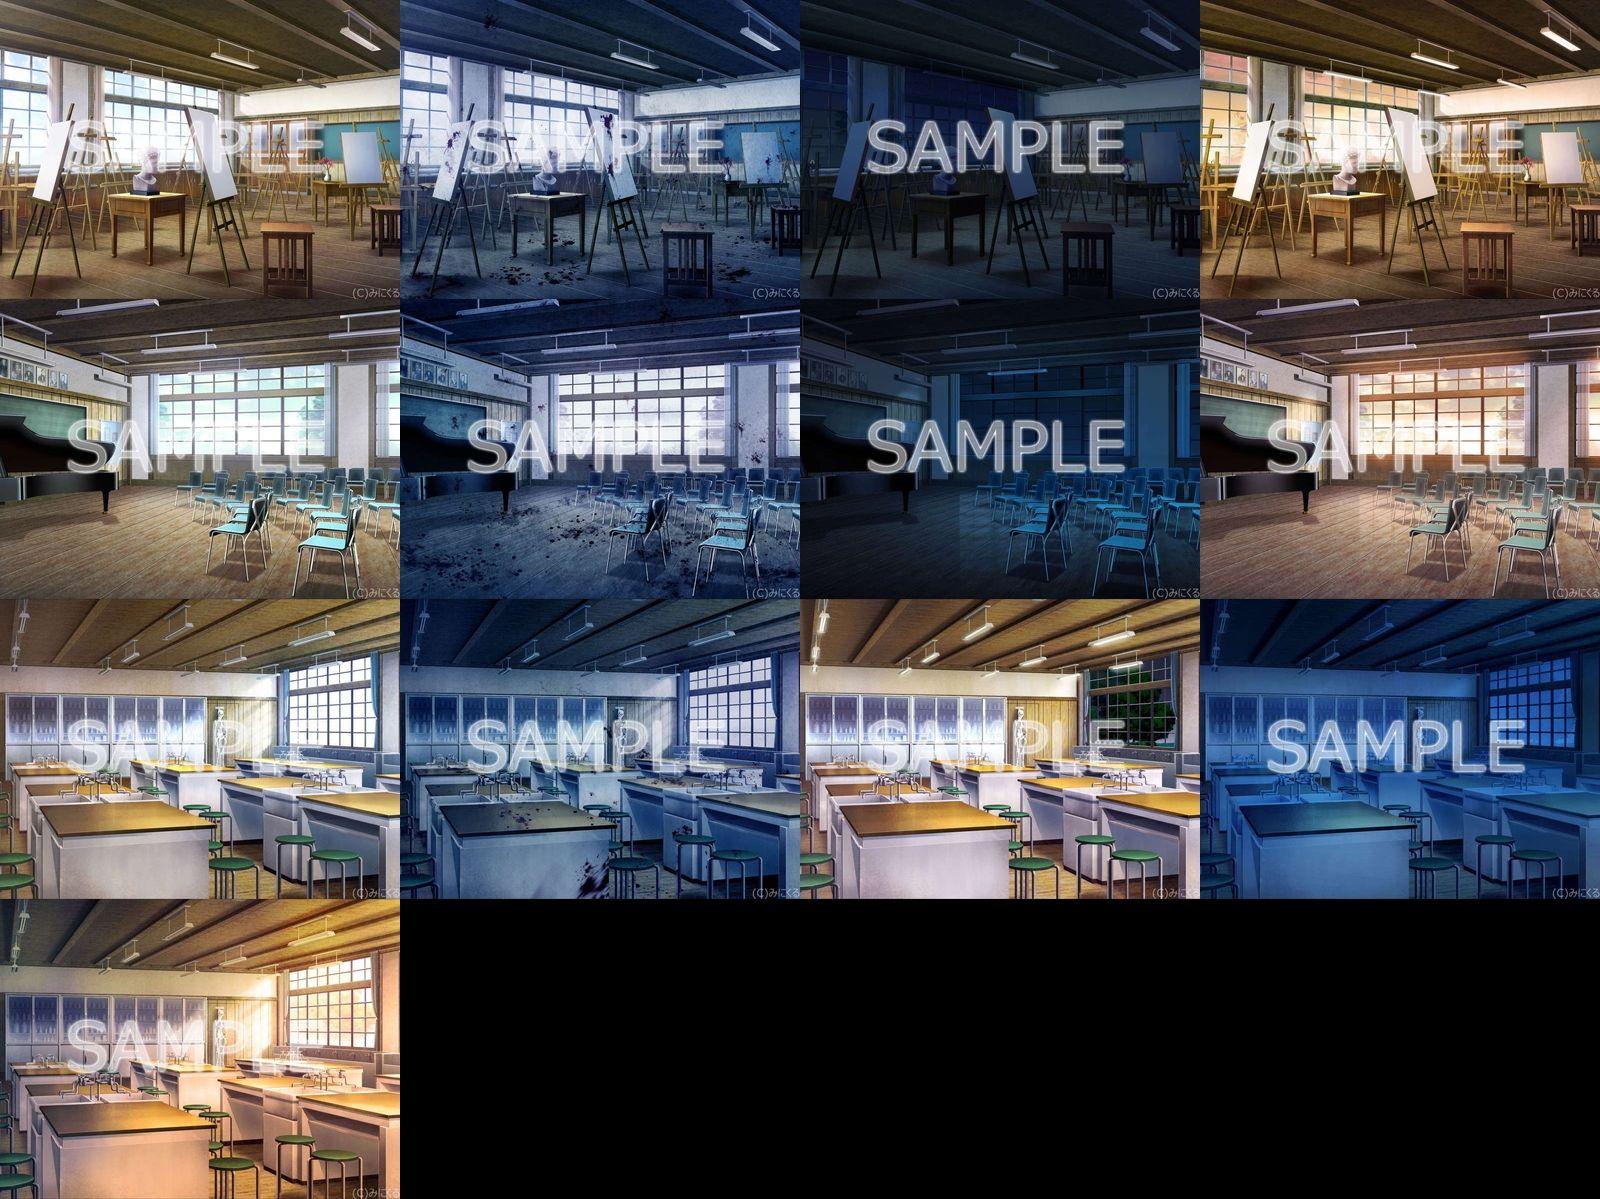 みにくる背景CG素材集『旧校舎・ホラー編』part01のサンプル画像3